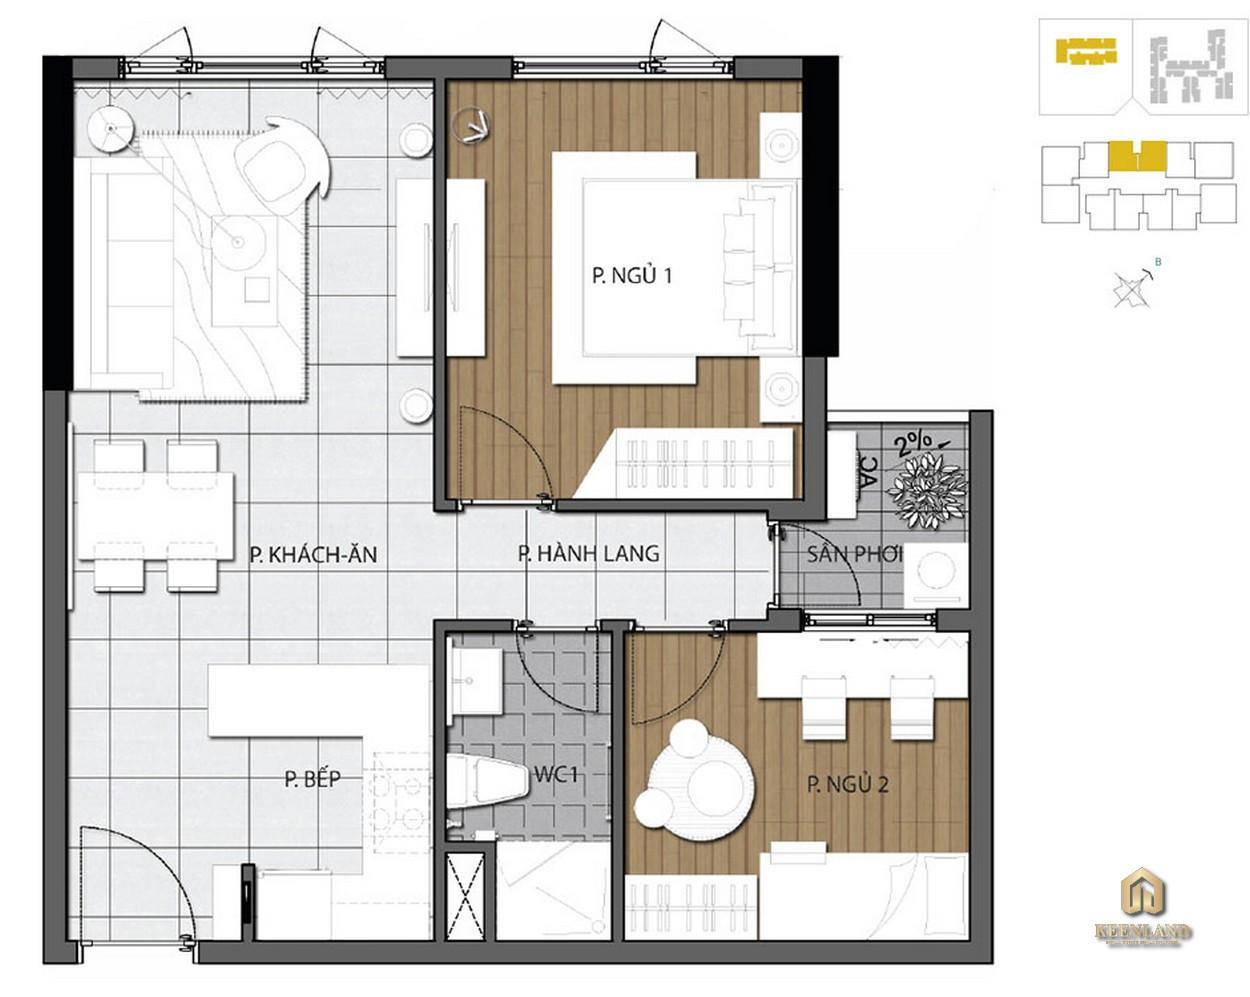 Mặt bằng căn hộ 2 phòng ngủ dự án The Gold View Quận 4